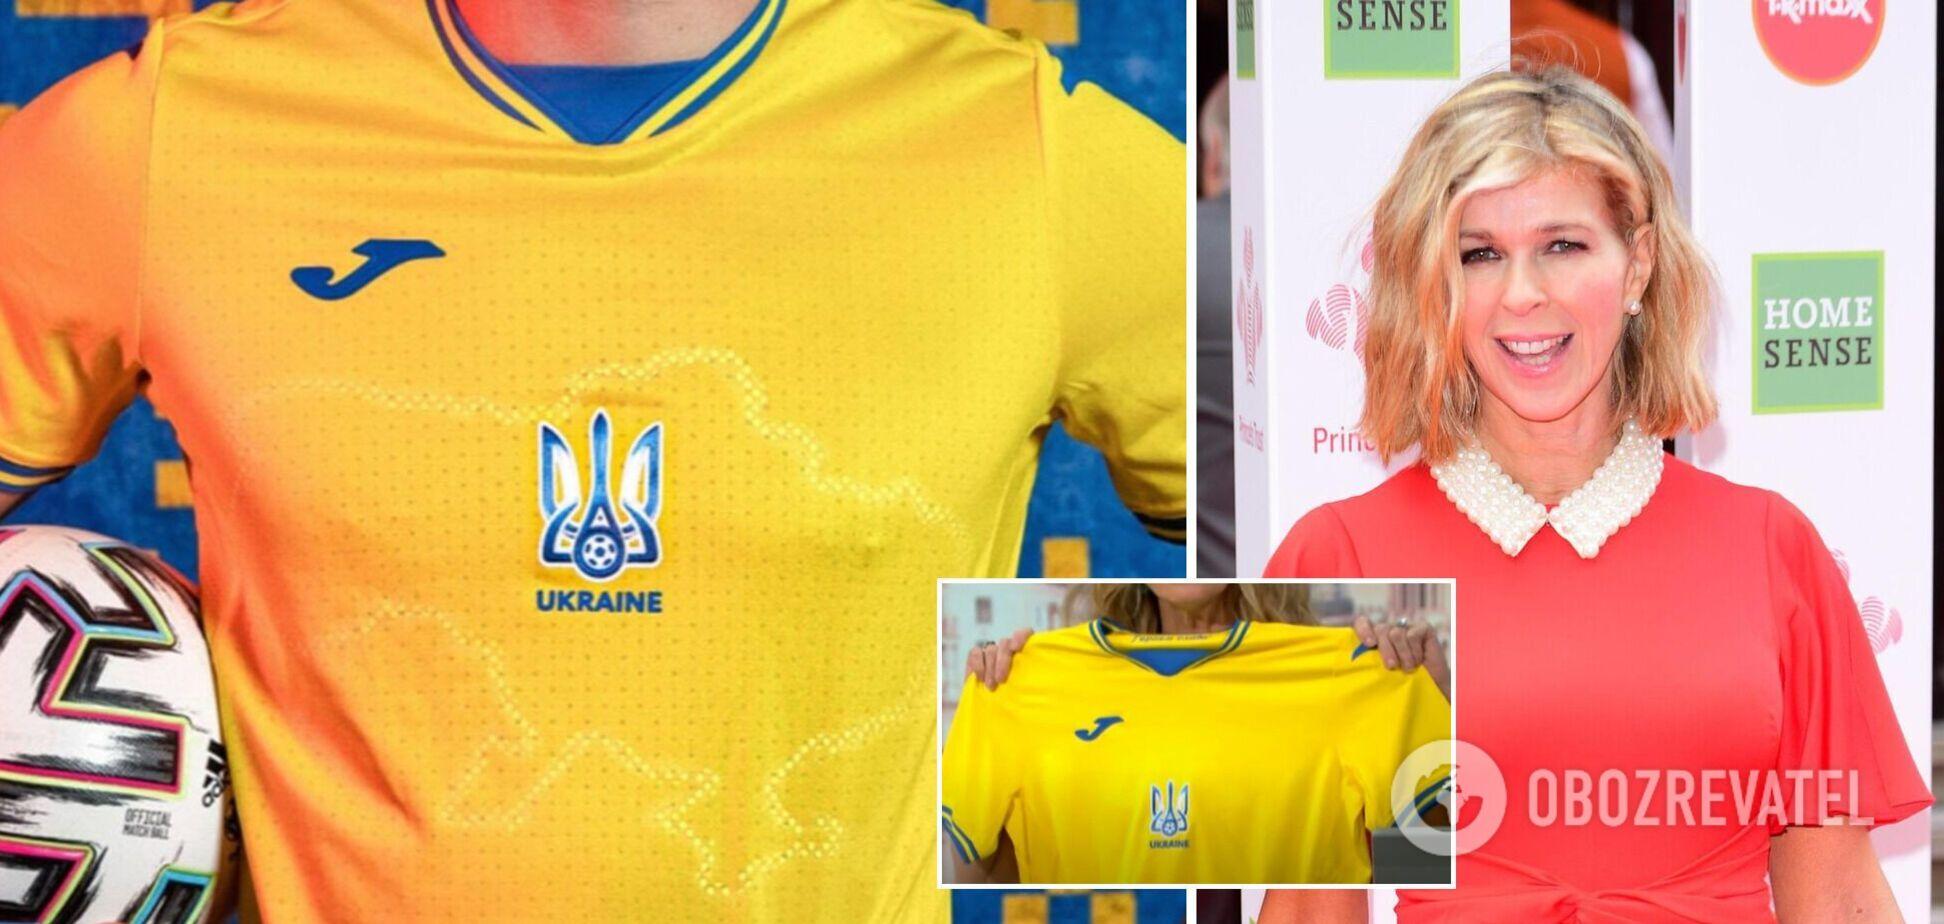 В Британии телеведущая сравнила карту Украины на форме сборной с 'грязным пятном'